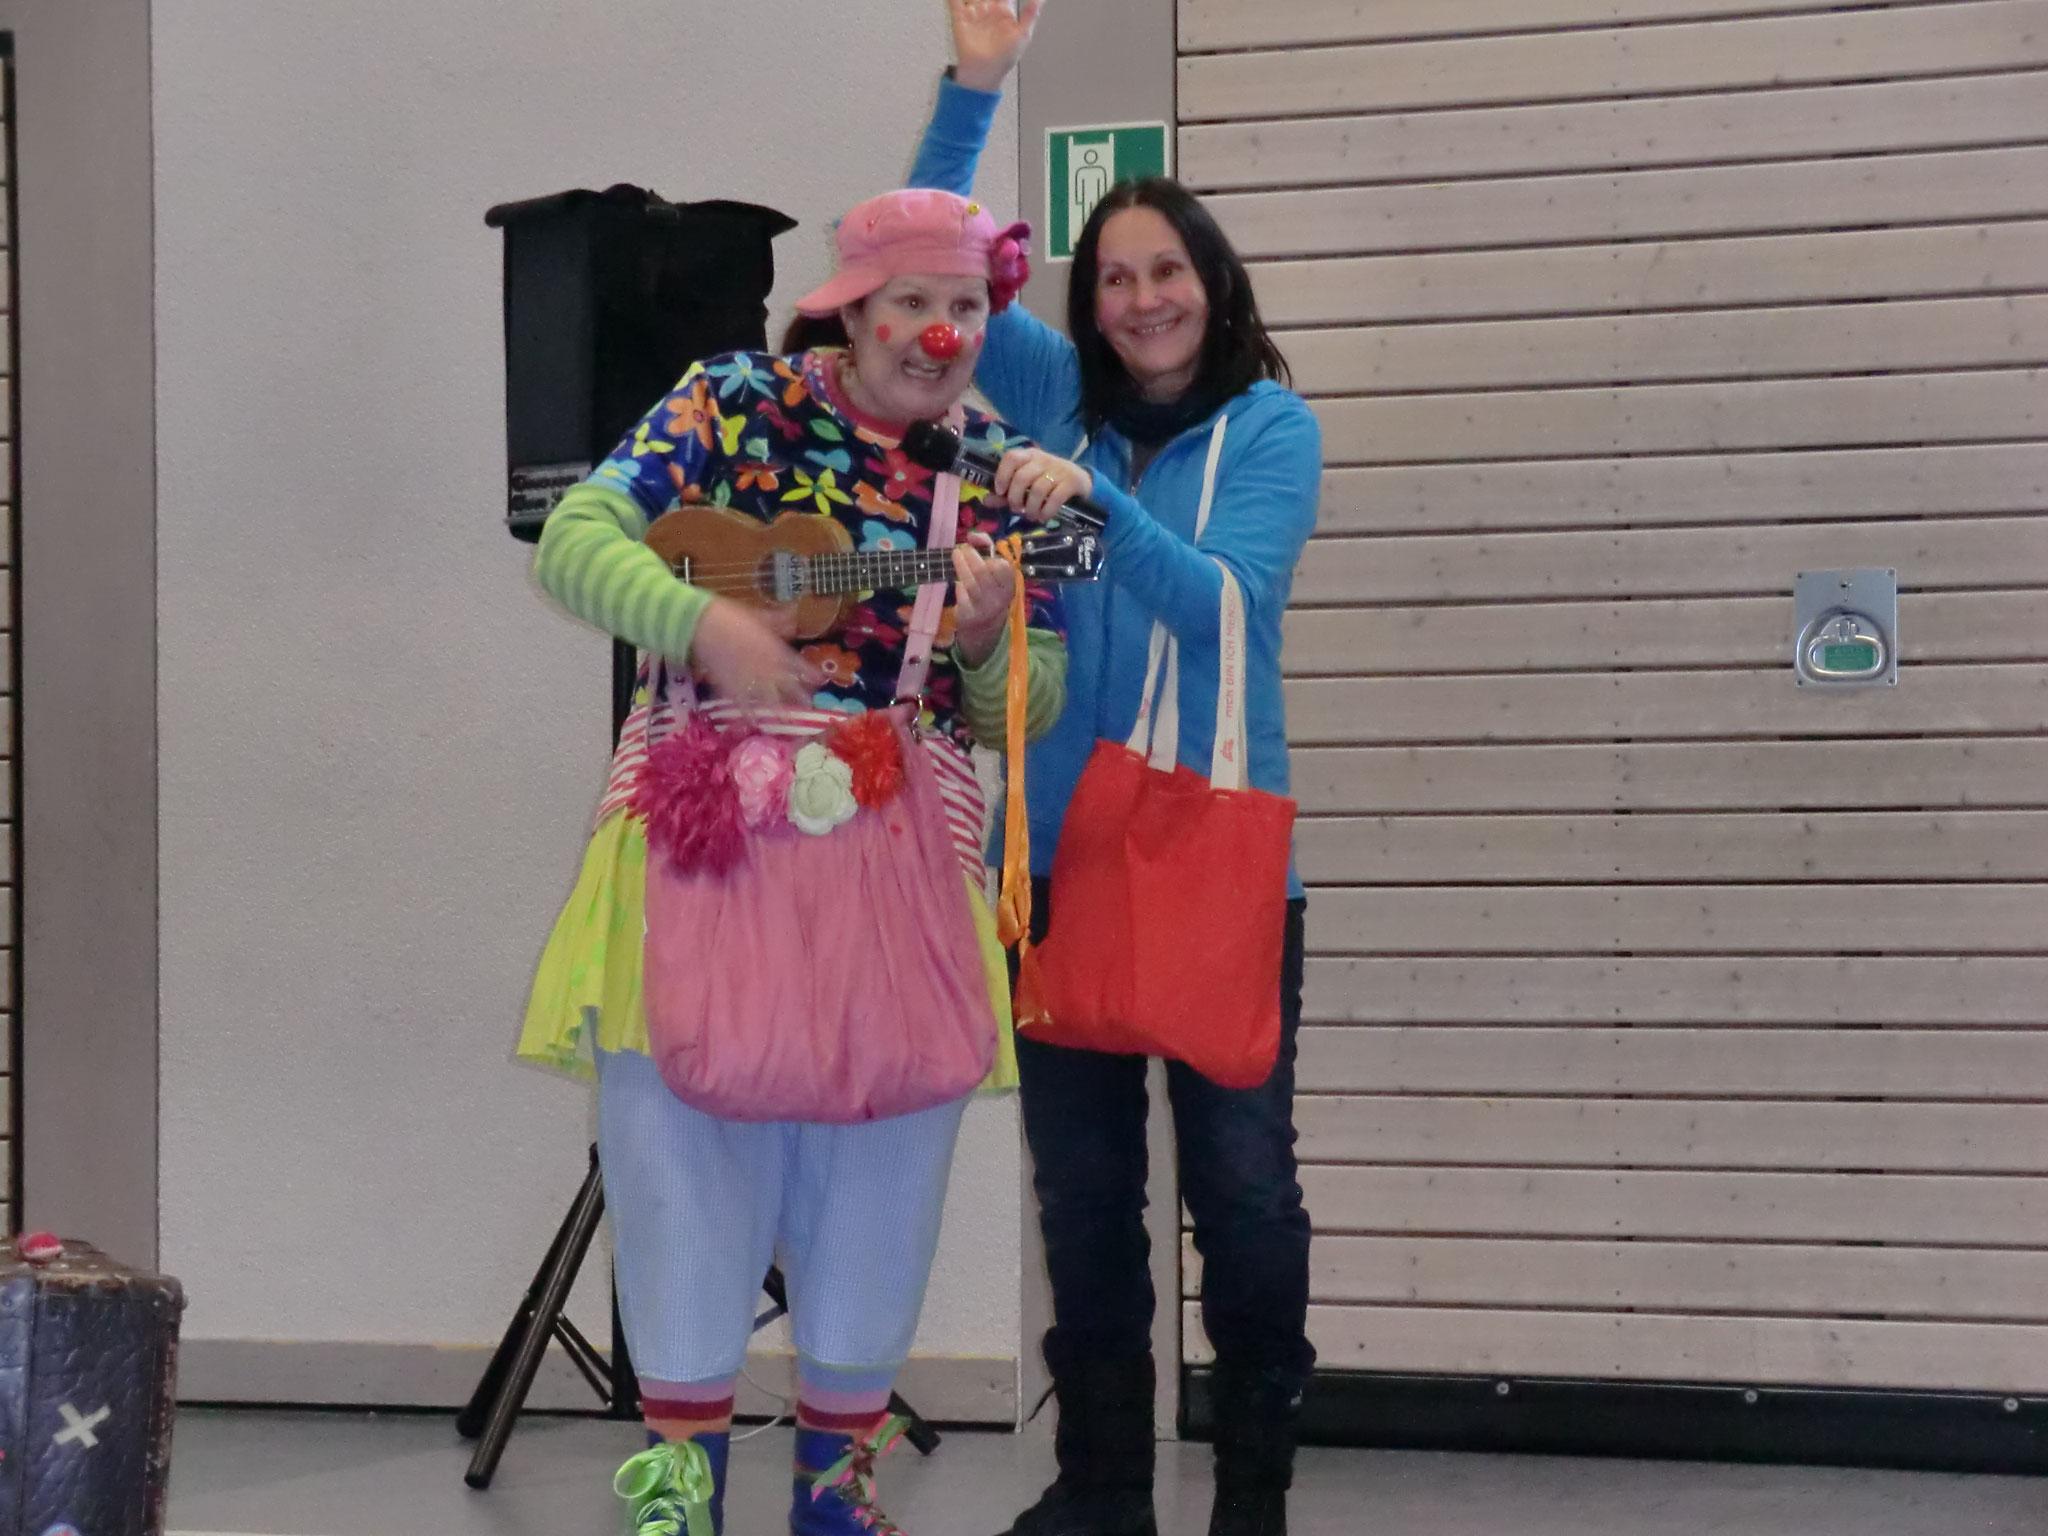 Allen krnken Kindern lassen die Clowns ein Geschenk da - damit sie schnell wieder gesund werden!